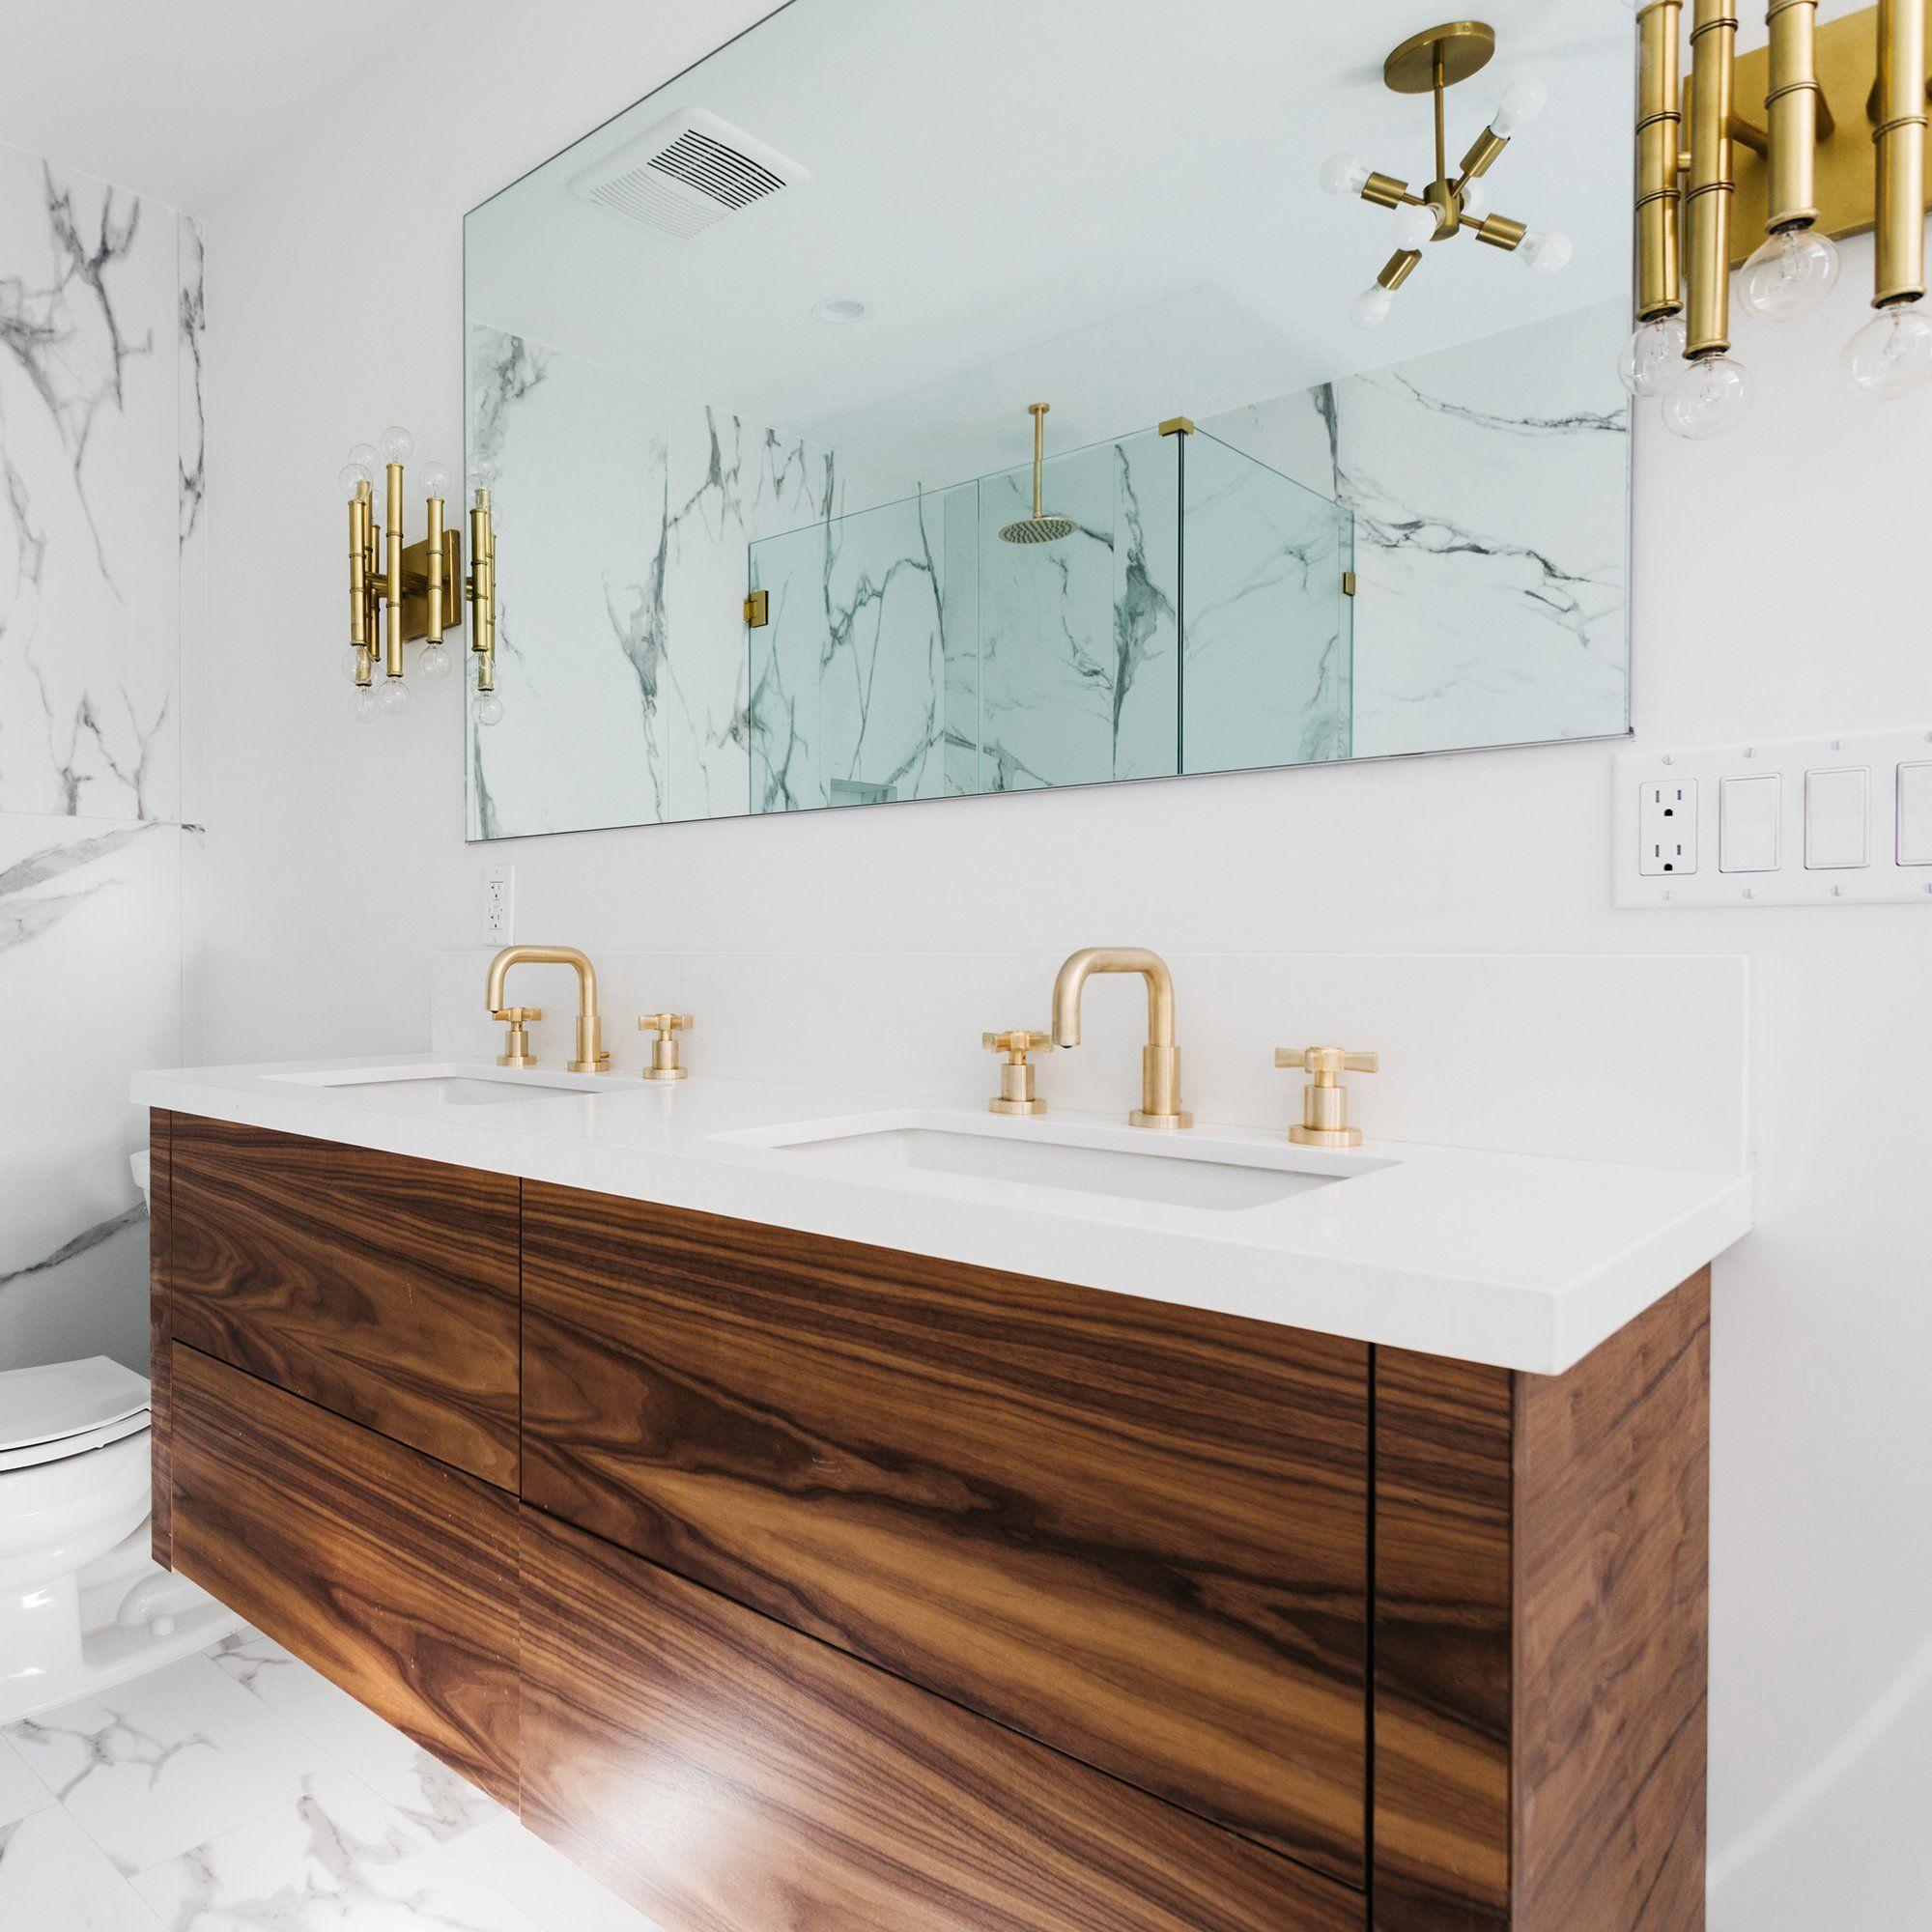 Walnut In 2020 Ikea Cabinets Vanity Cabinet Door Replacement